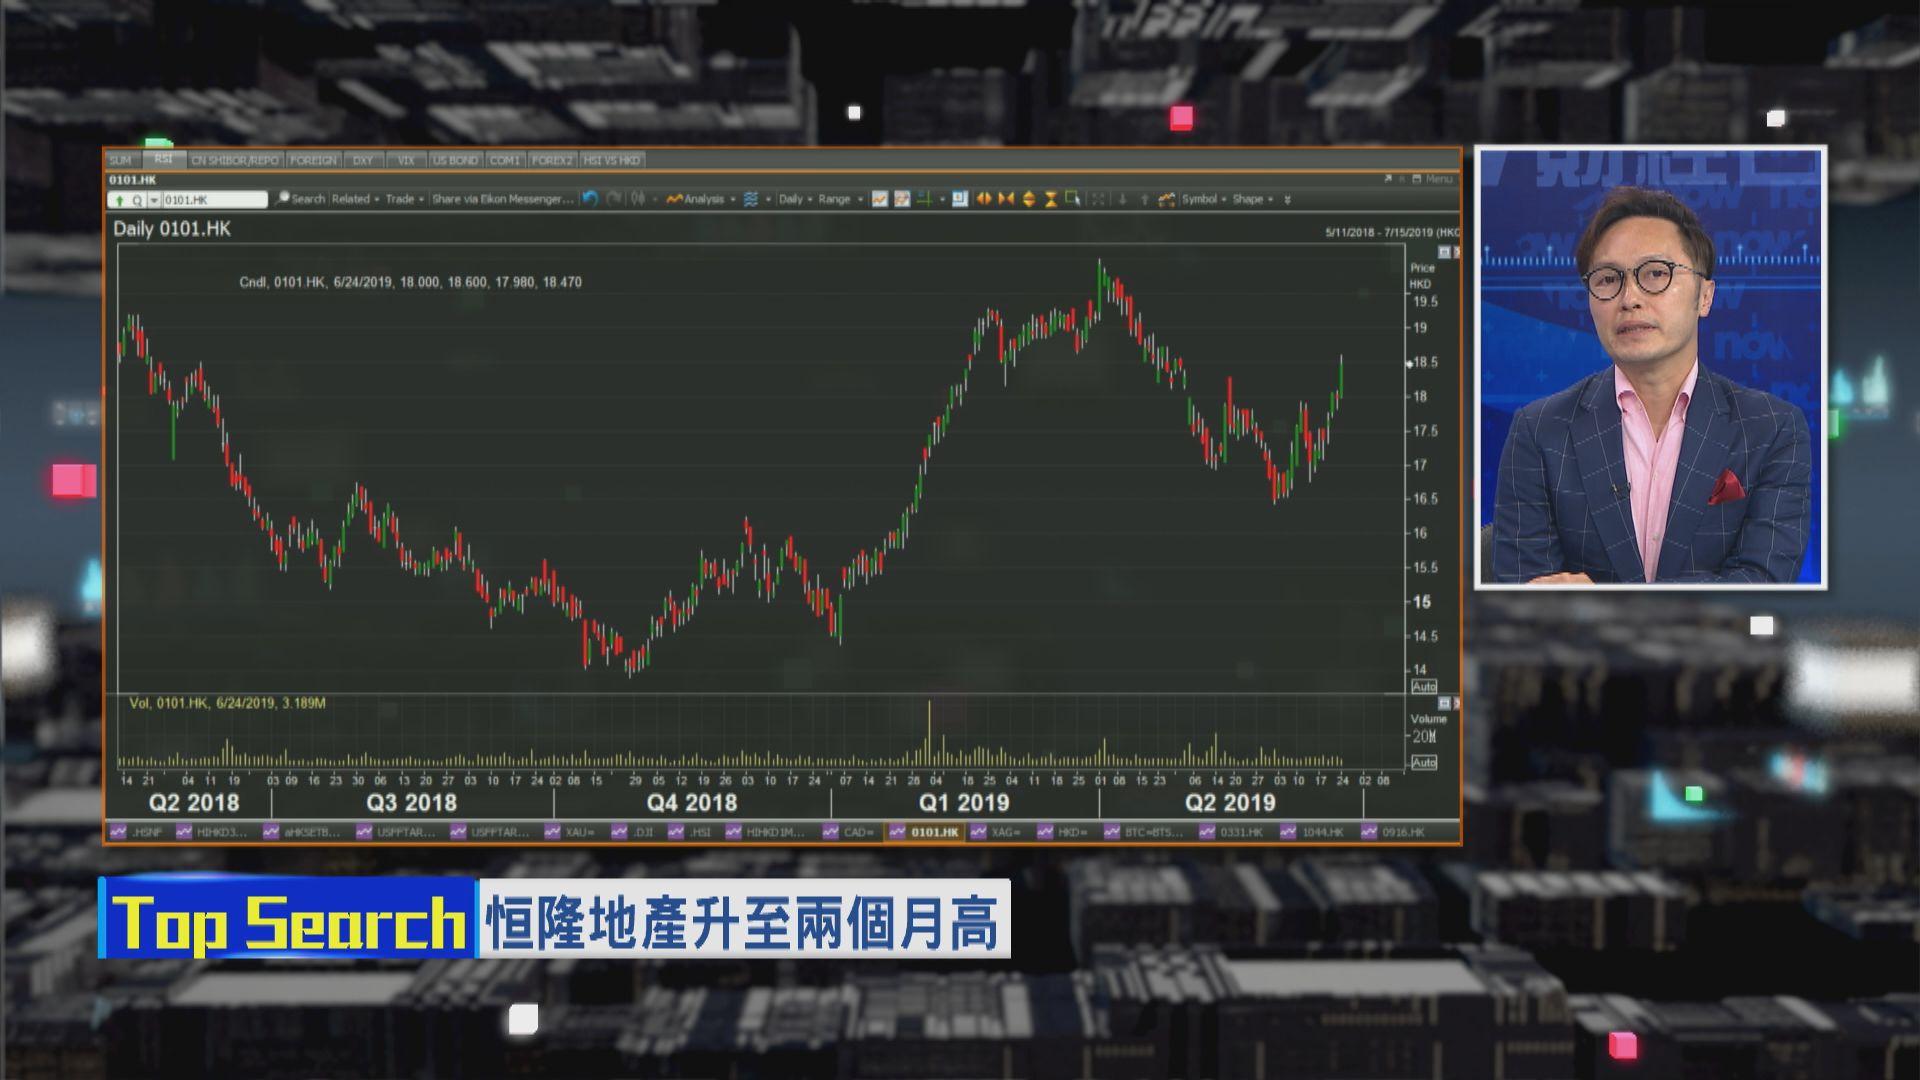 【財經TOP SEARCH】本地地產股短線秤先